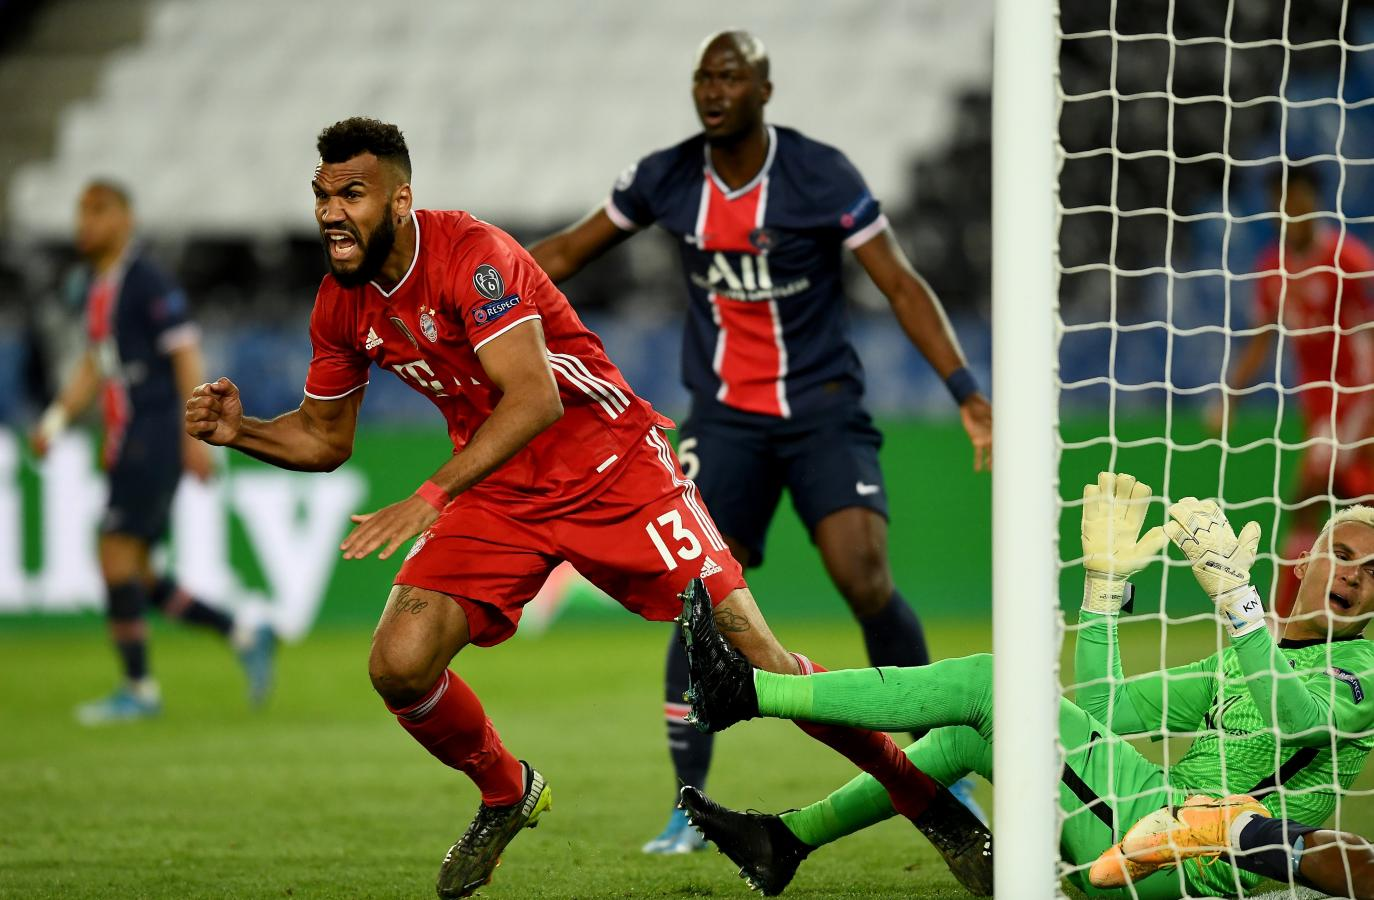 Al igual que en la ida, Choupo-Moting mantuvo con vida al Bayern. El delantero, cuyo pase pertenece al PSG, marcó el único tanto del partido. Foto: @ChampionsLeague